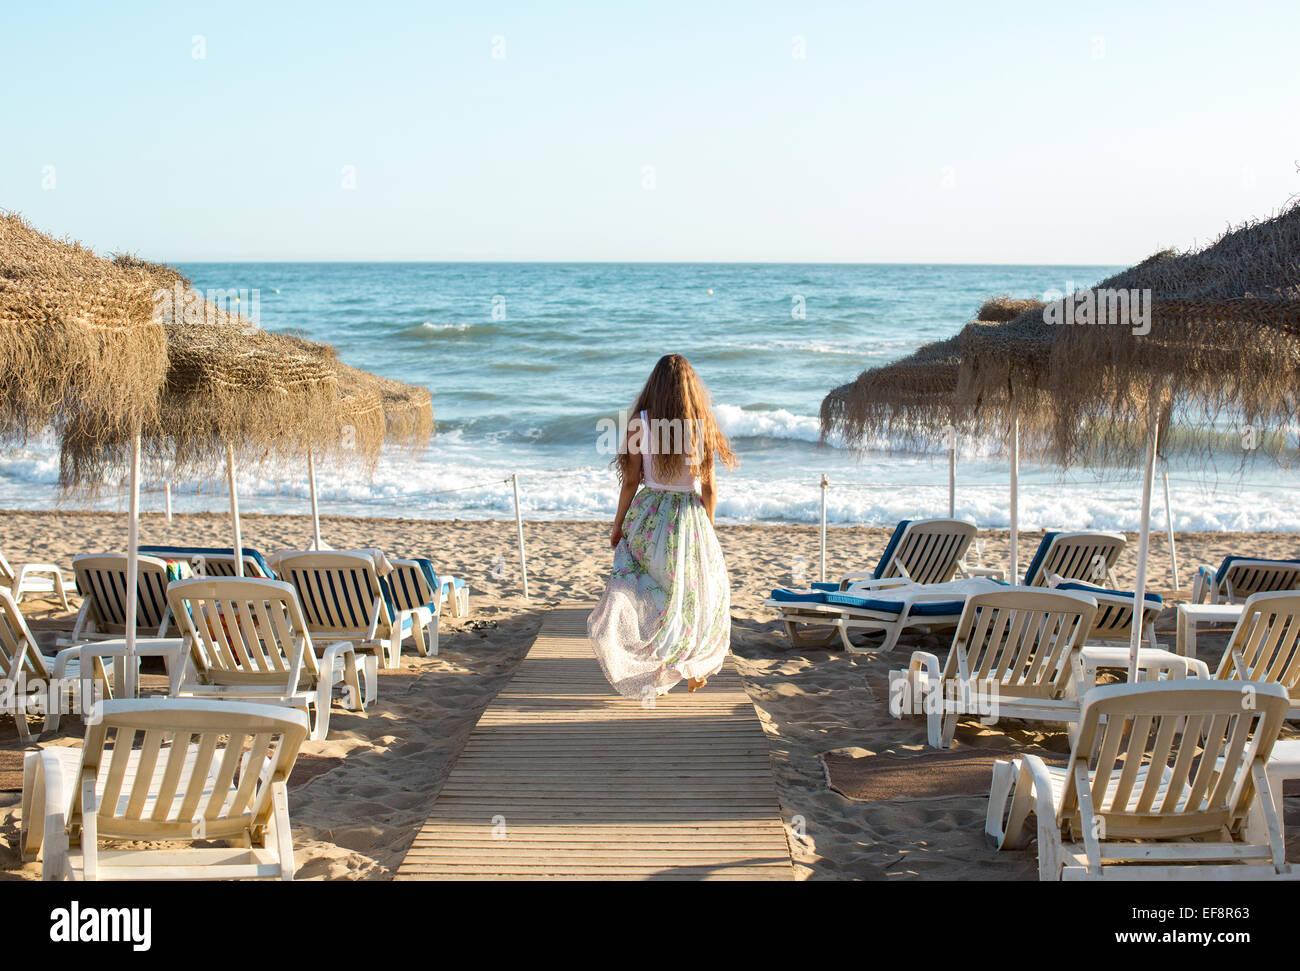 Rückansicht des jungen blonden Frau, die zu Fuß in Richtung Strand Stockbild